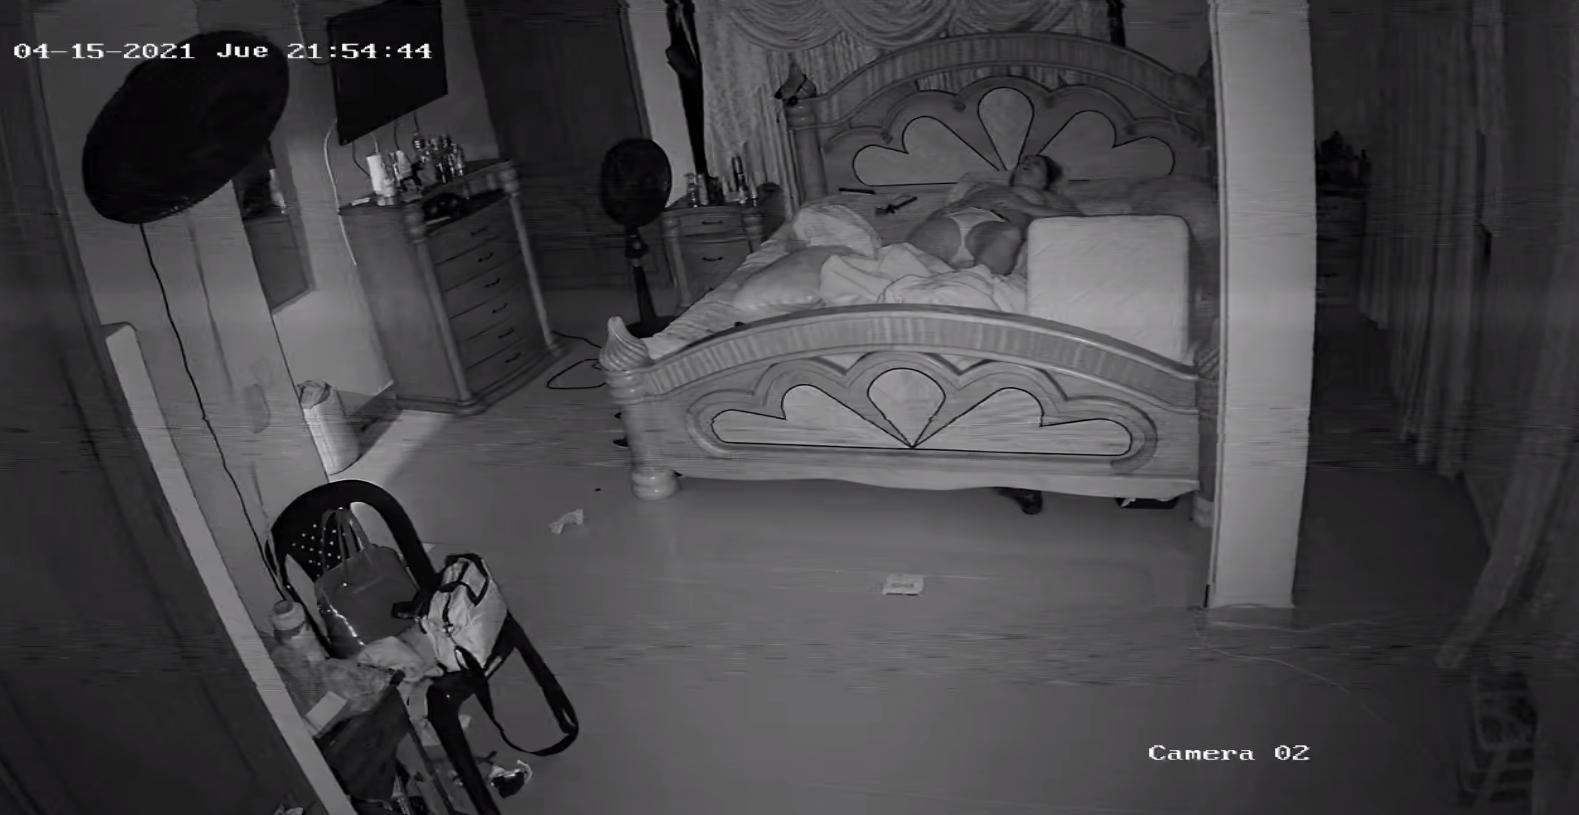 секс с камер наблюдения